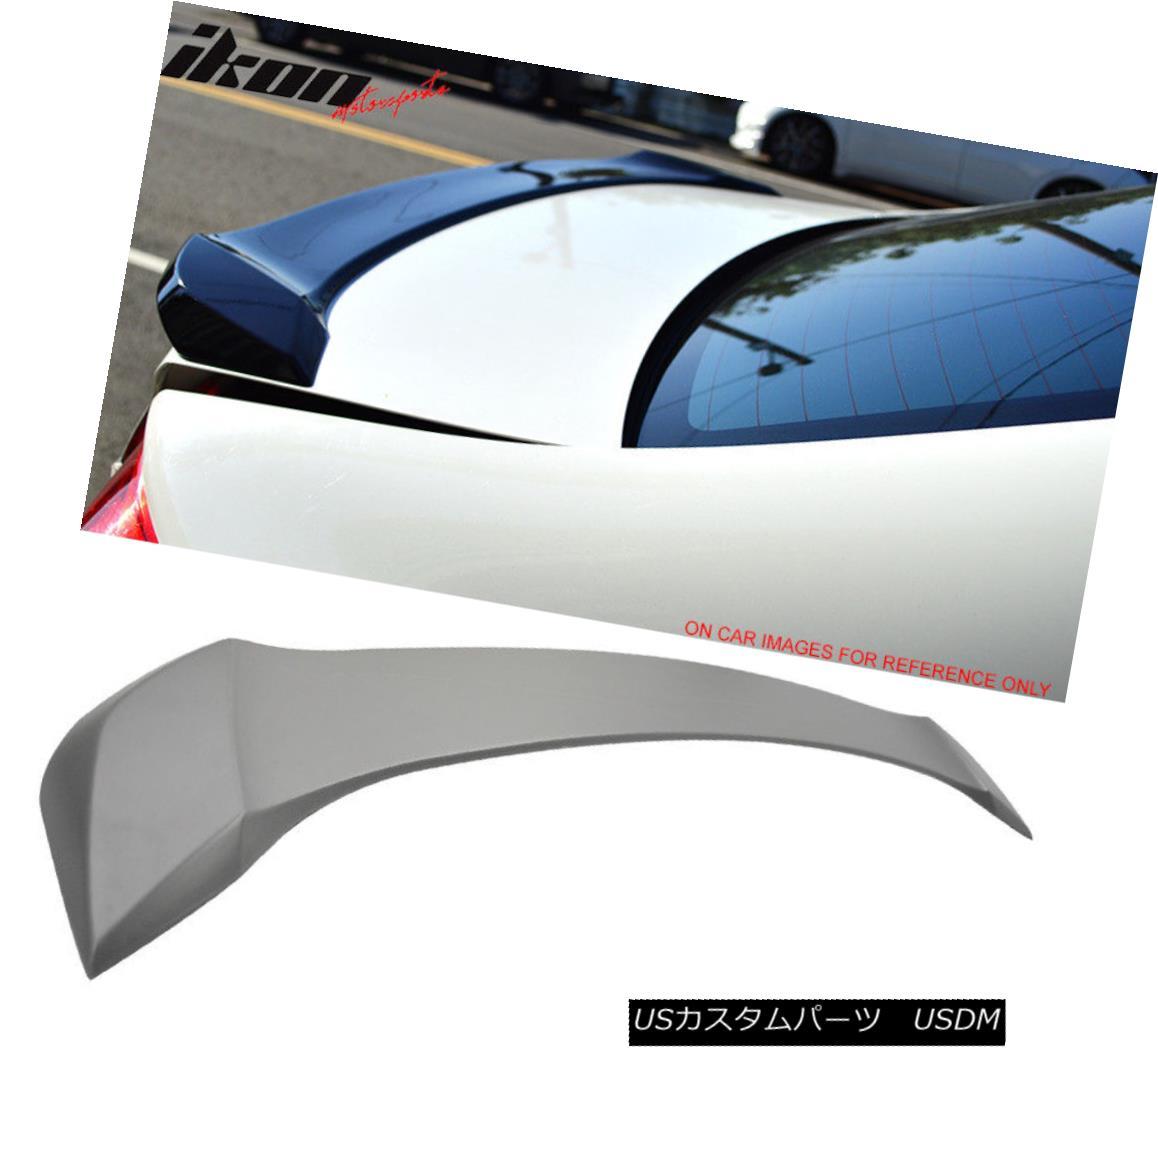 エアロパーツ Fits 12-15 Honda Civic 9th Gen Sedan OE Factory Unpainted ABS Trunk Spoiler フィット12-15ホンダシビック第9世代セダンOE工場未塗装ABSトランクスポイラー